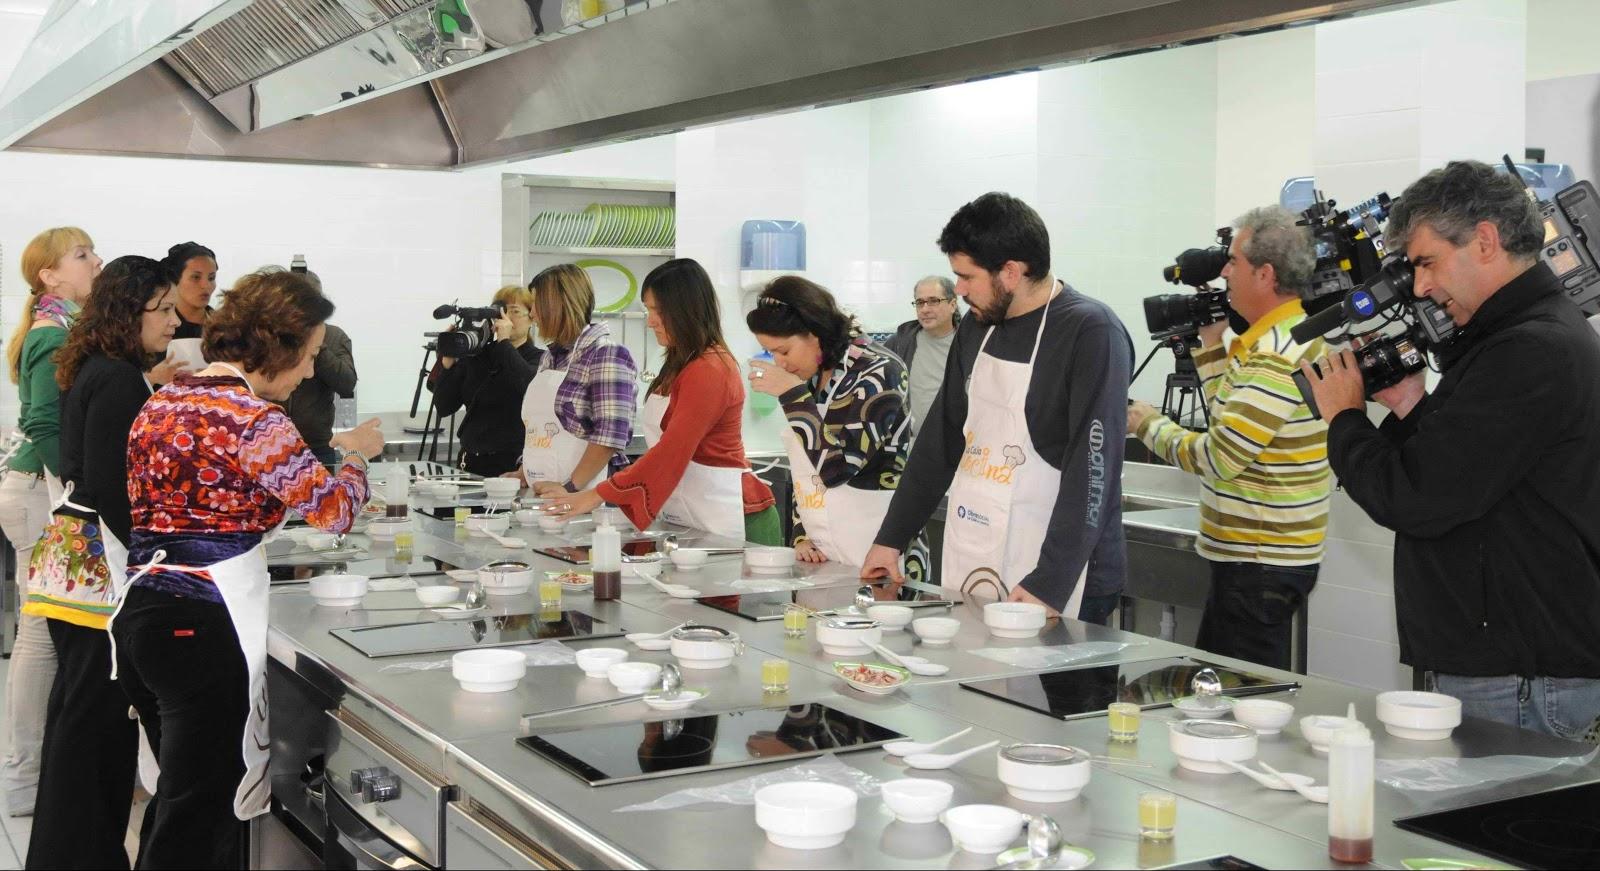 Regi n canarias peri dico digital de canarias aula de for Cursos de cocina en las palmas